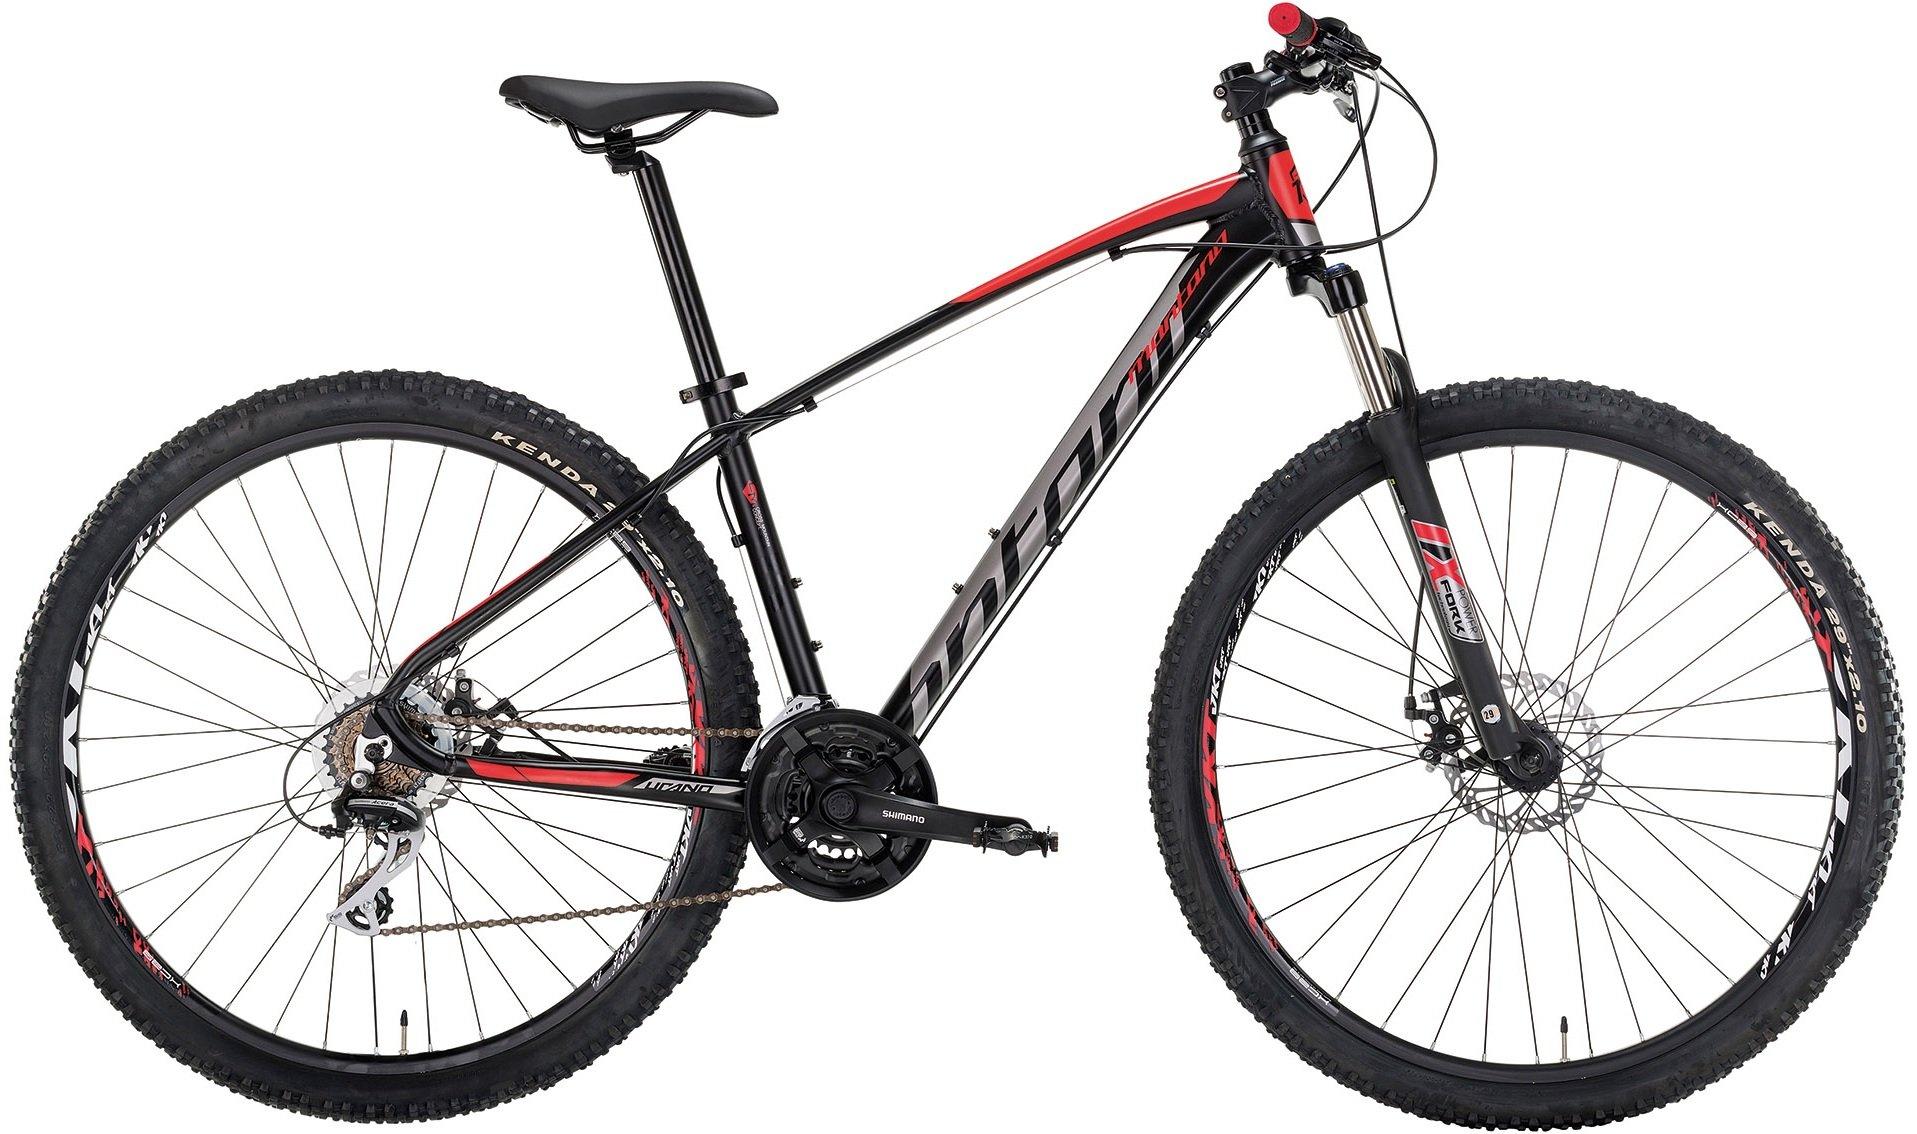 Montana Urano 29 R291 - Alivio 27 gear MTB - Sort/rød | Mountainbikes